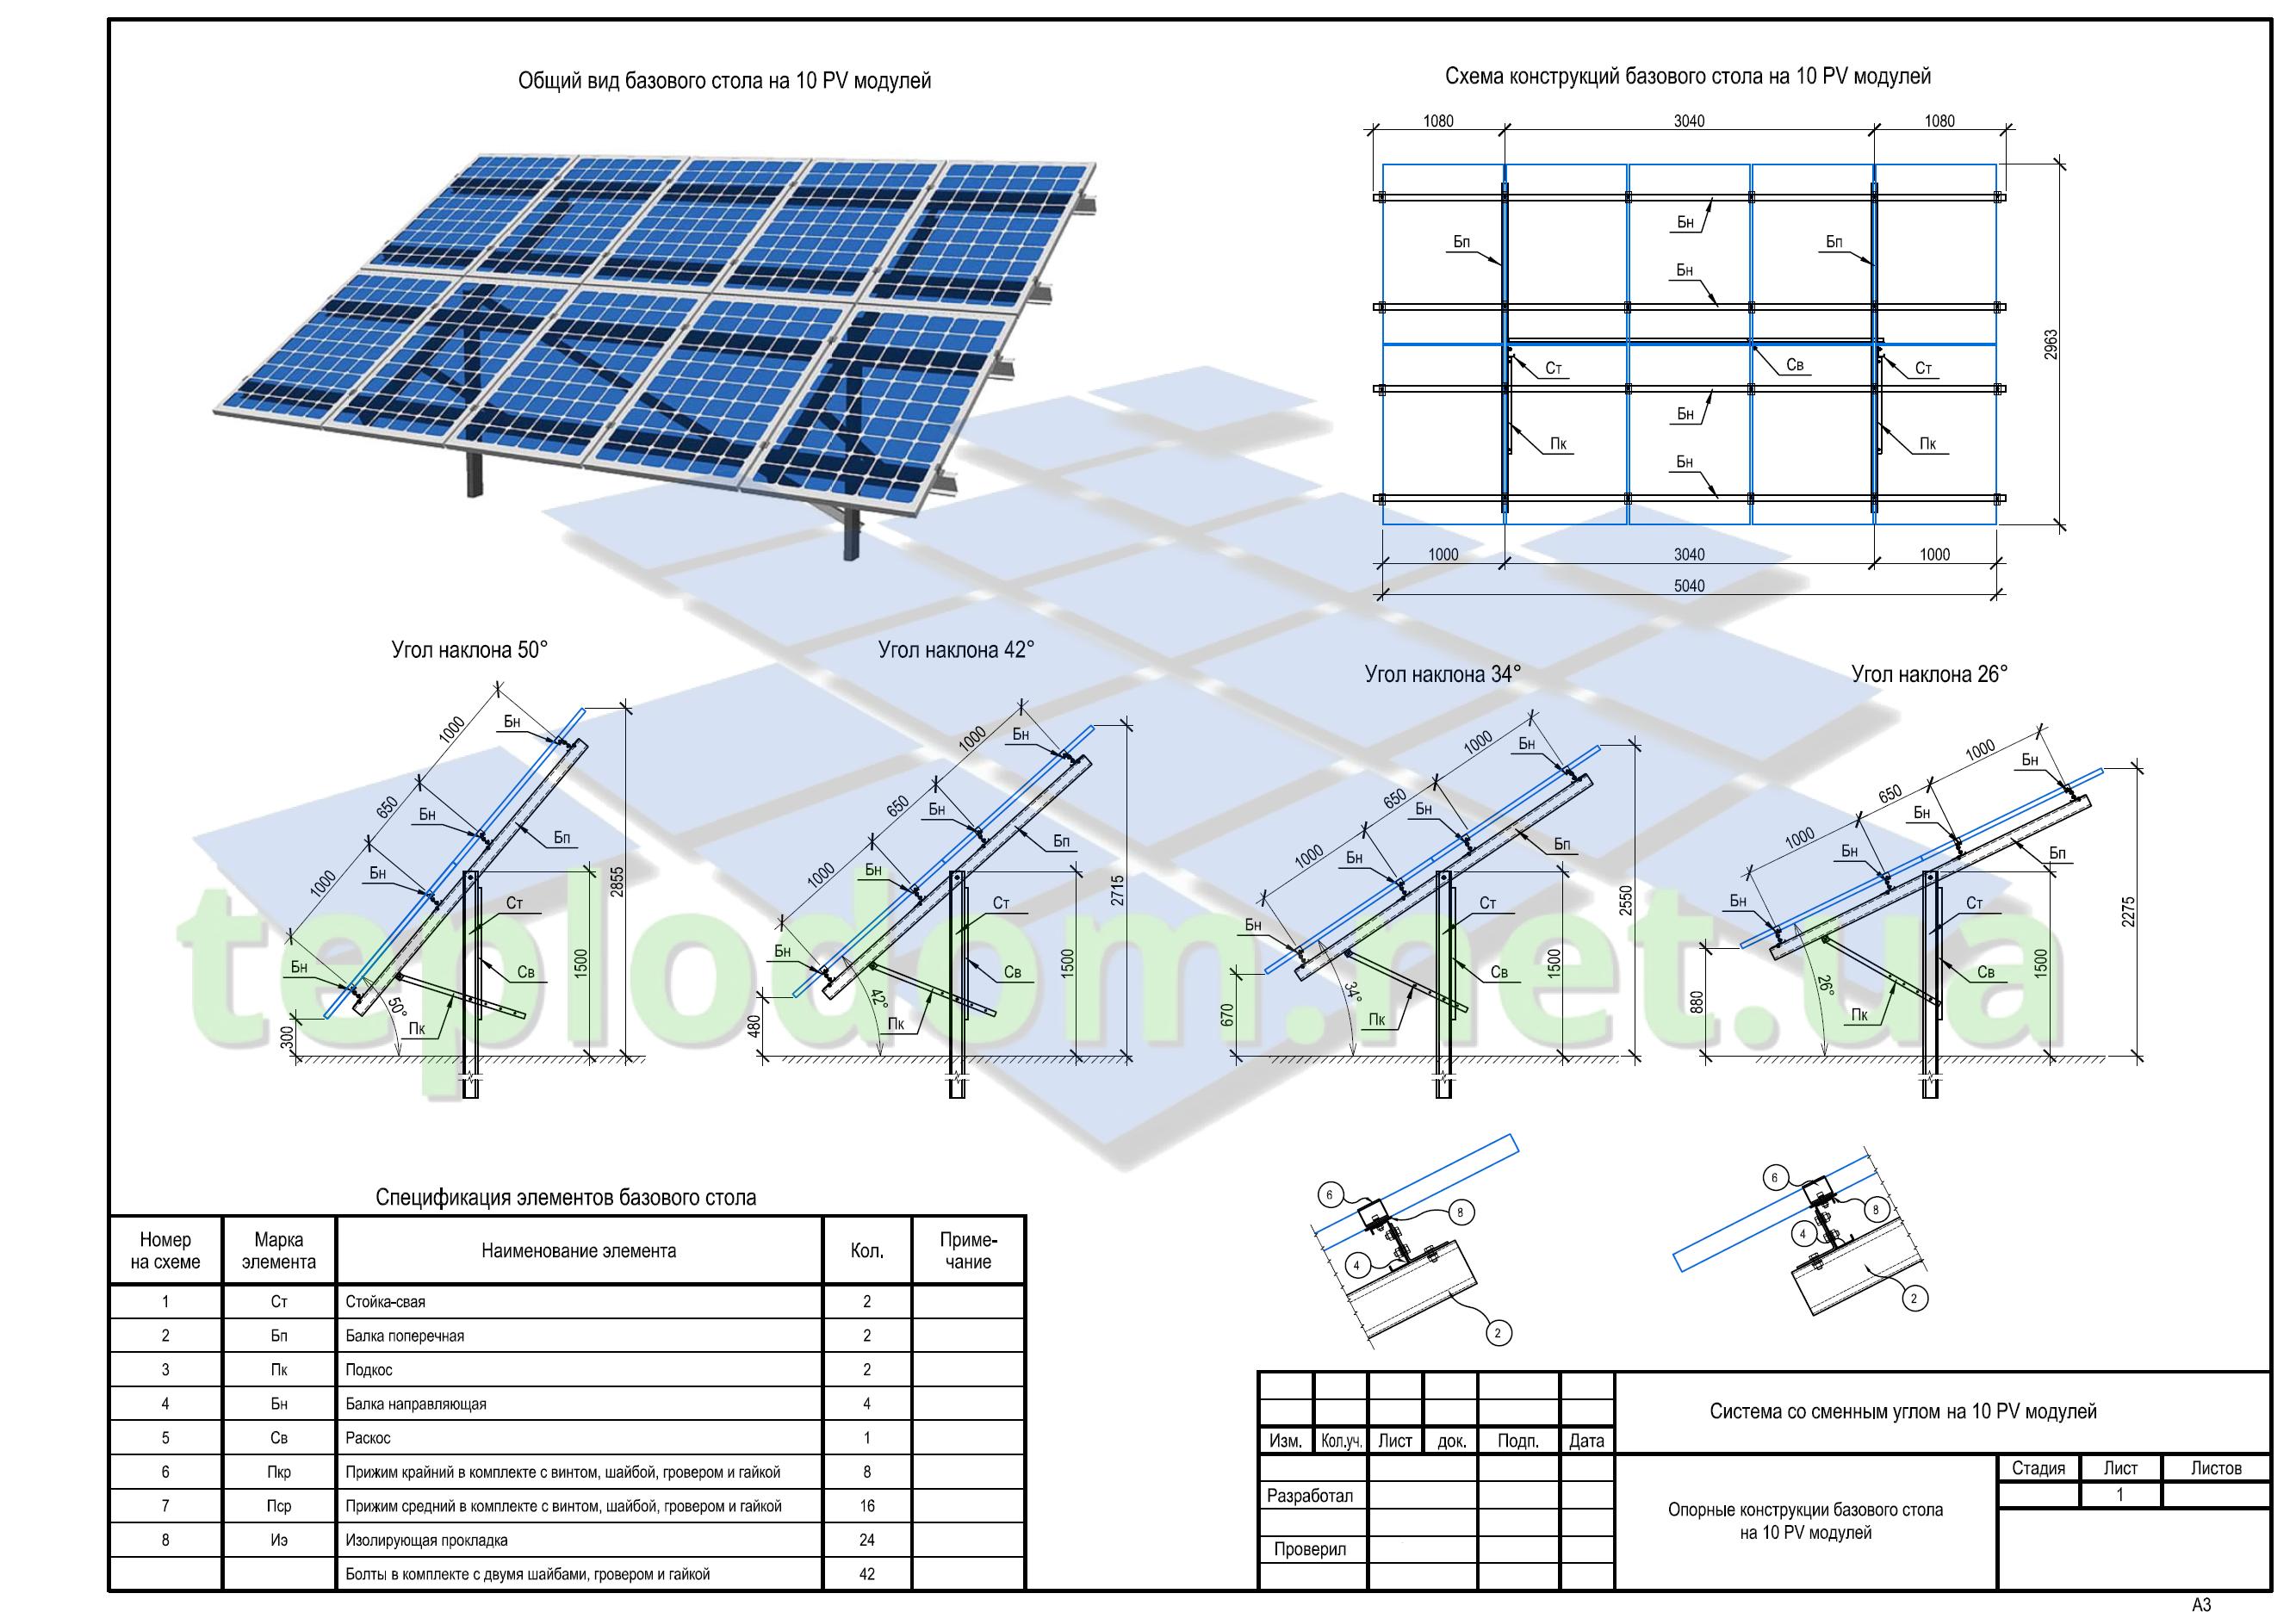 проект солнечной электростанции 10